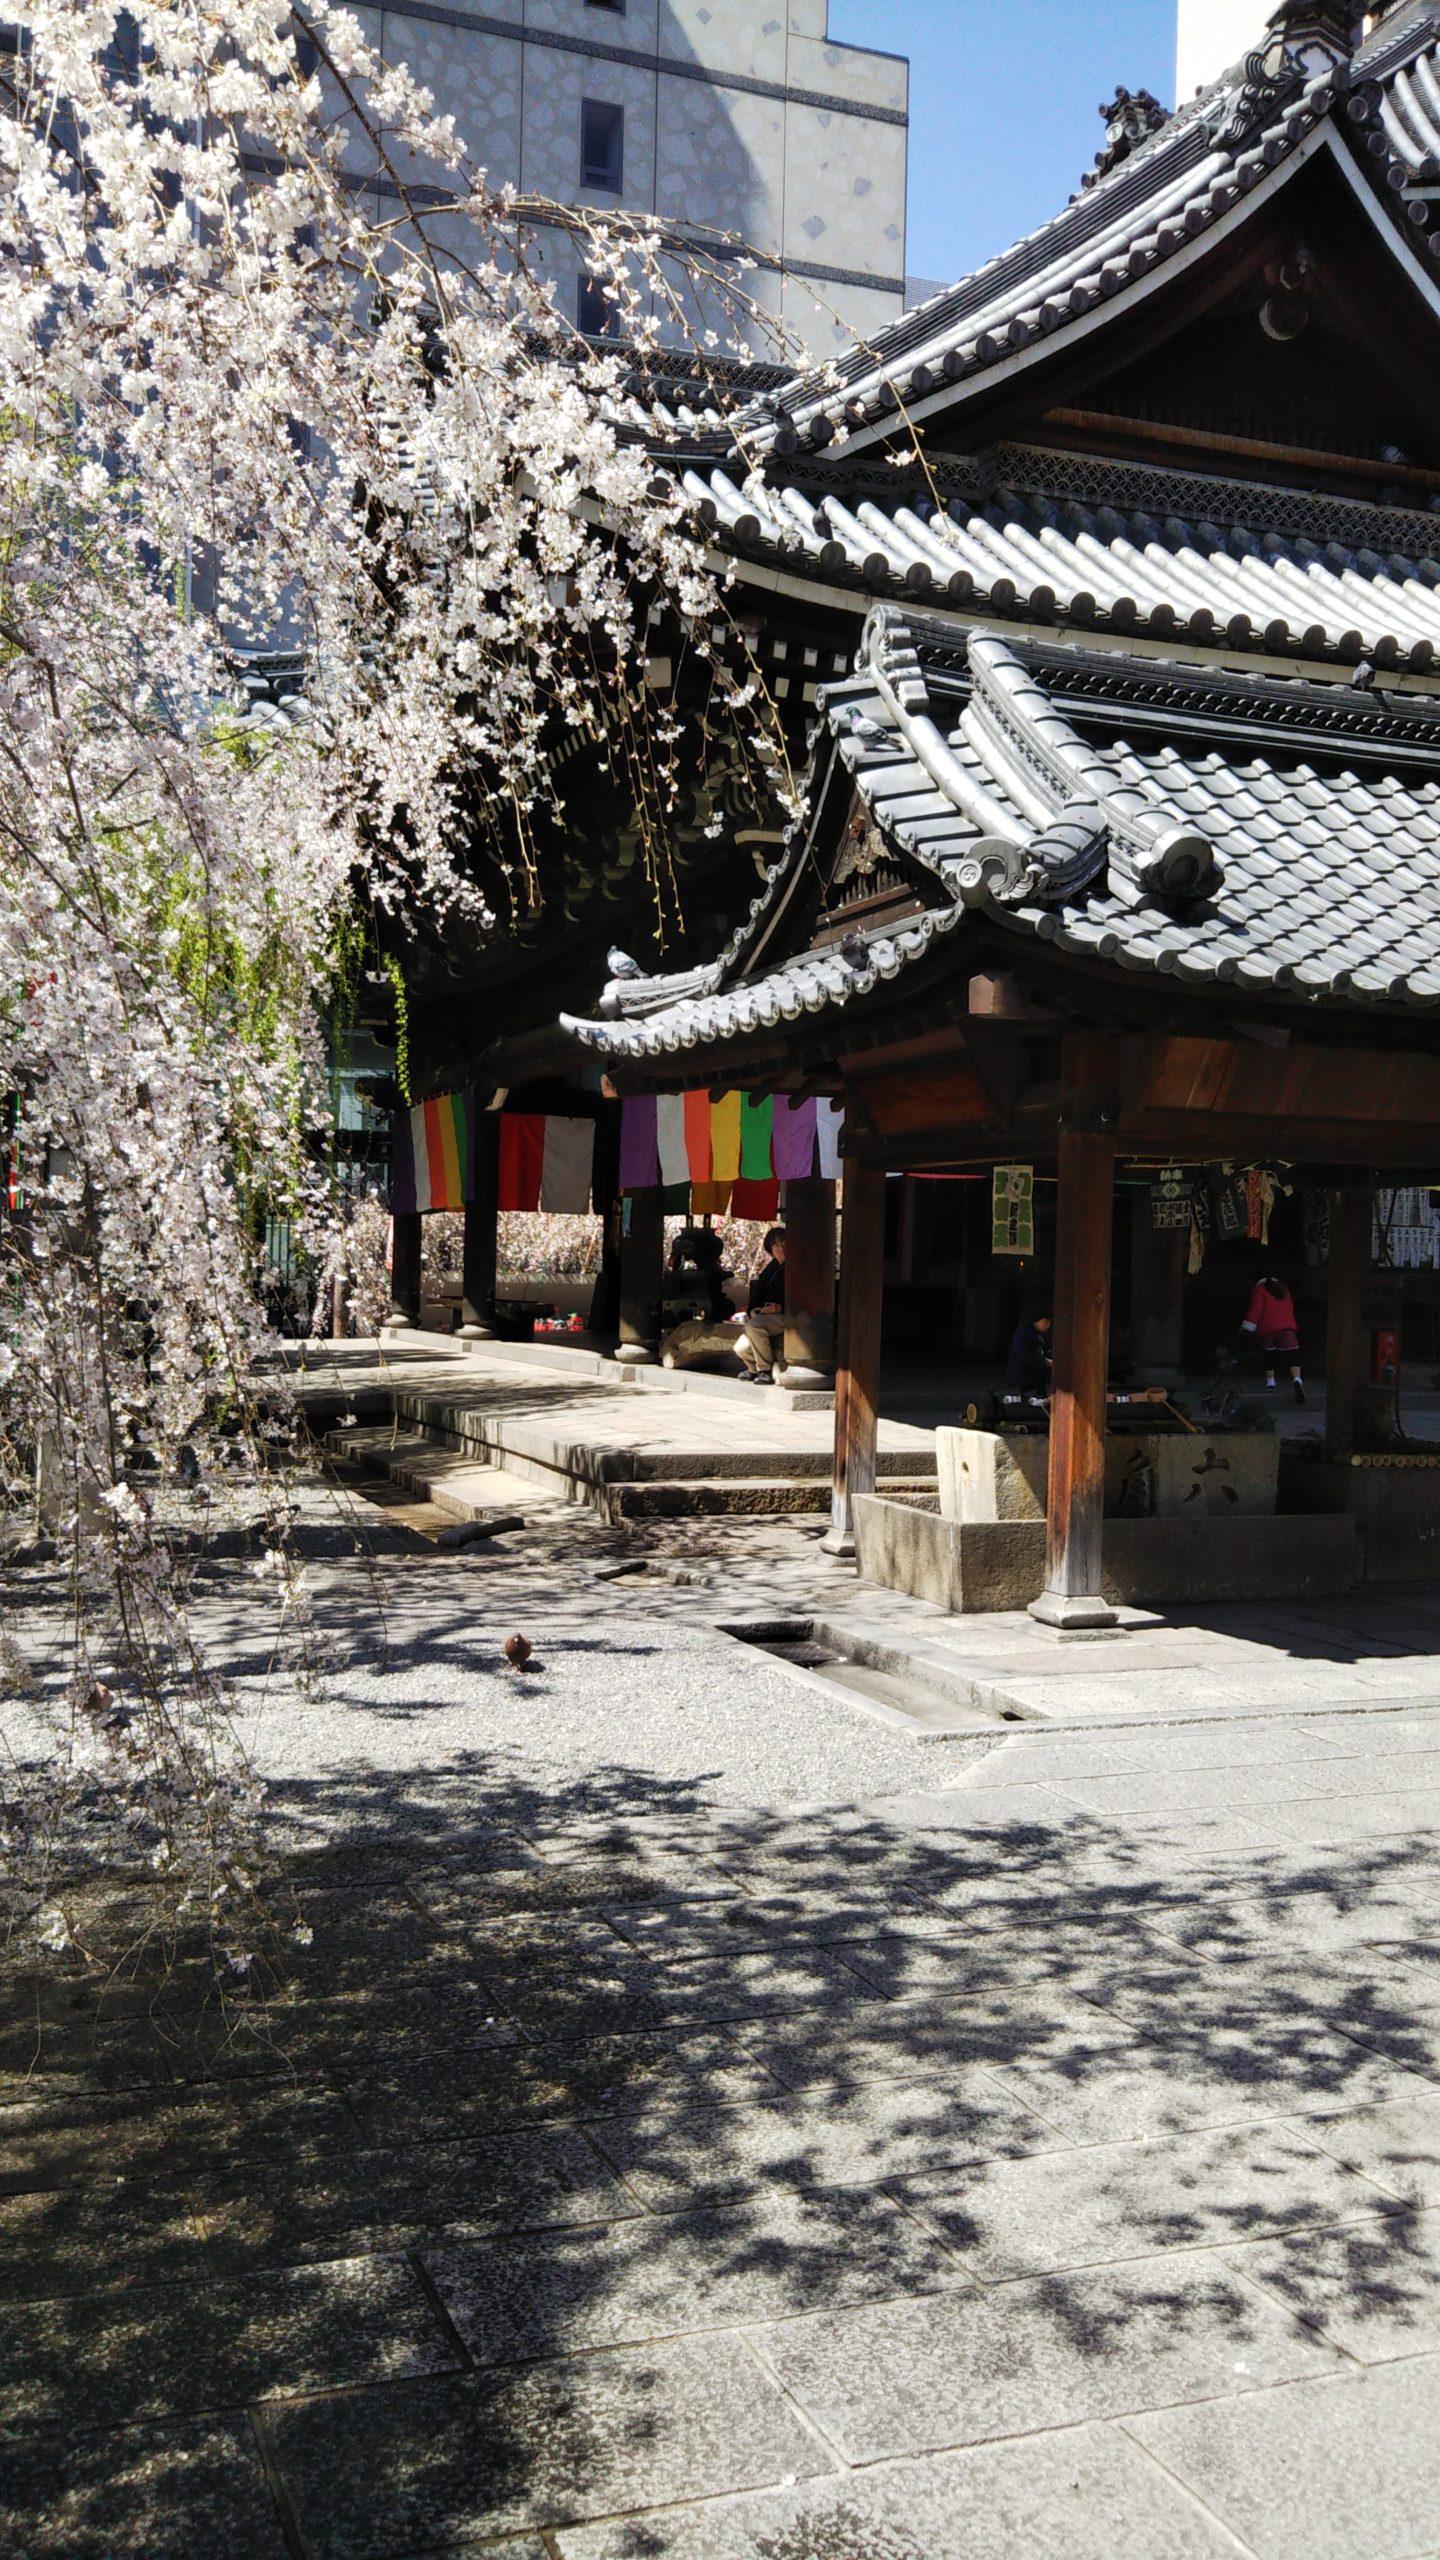 京都 六角堂 枝垂れ桜